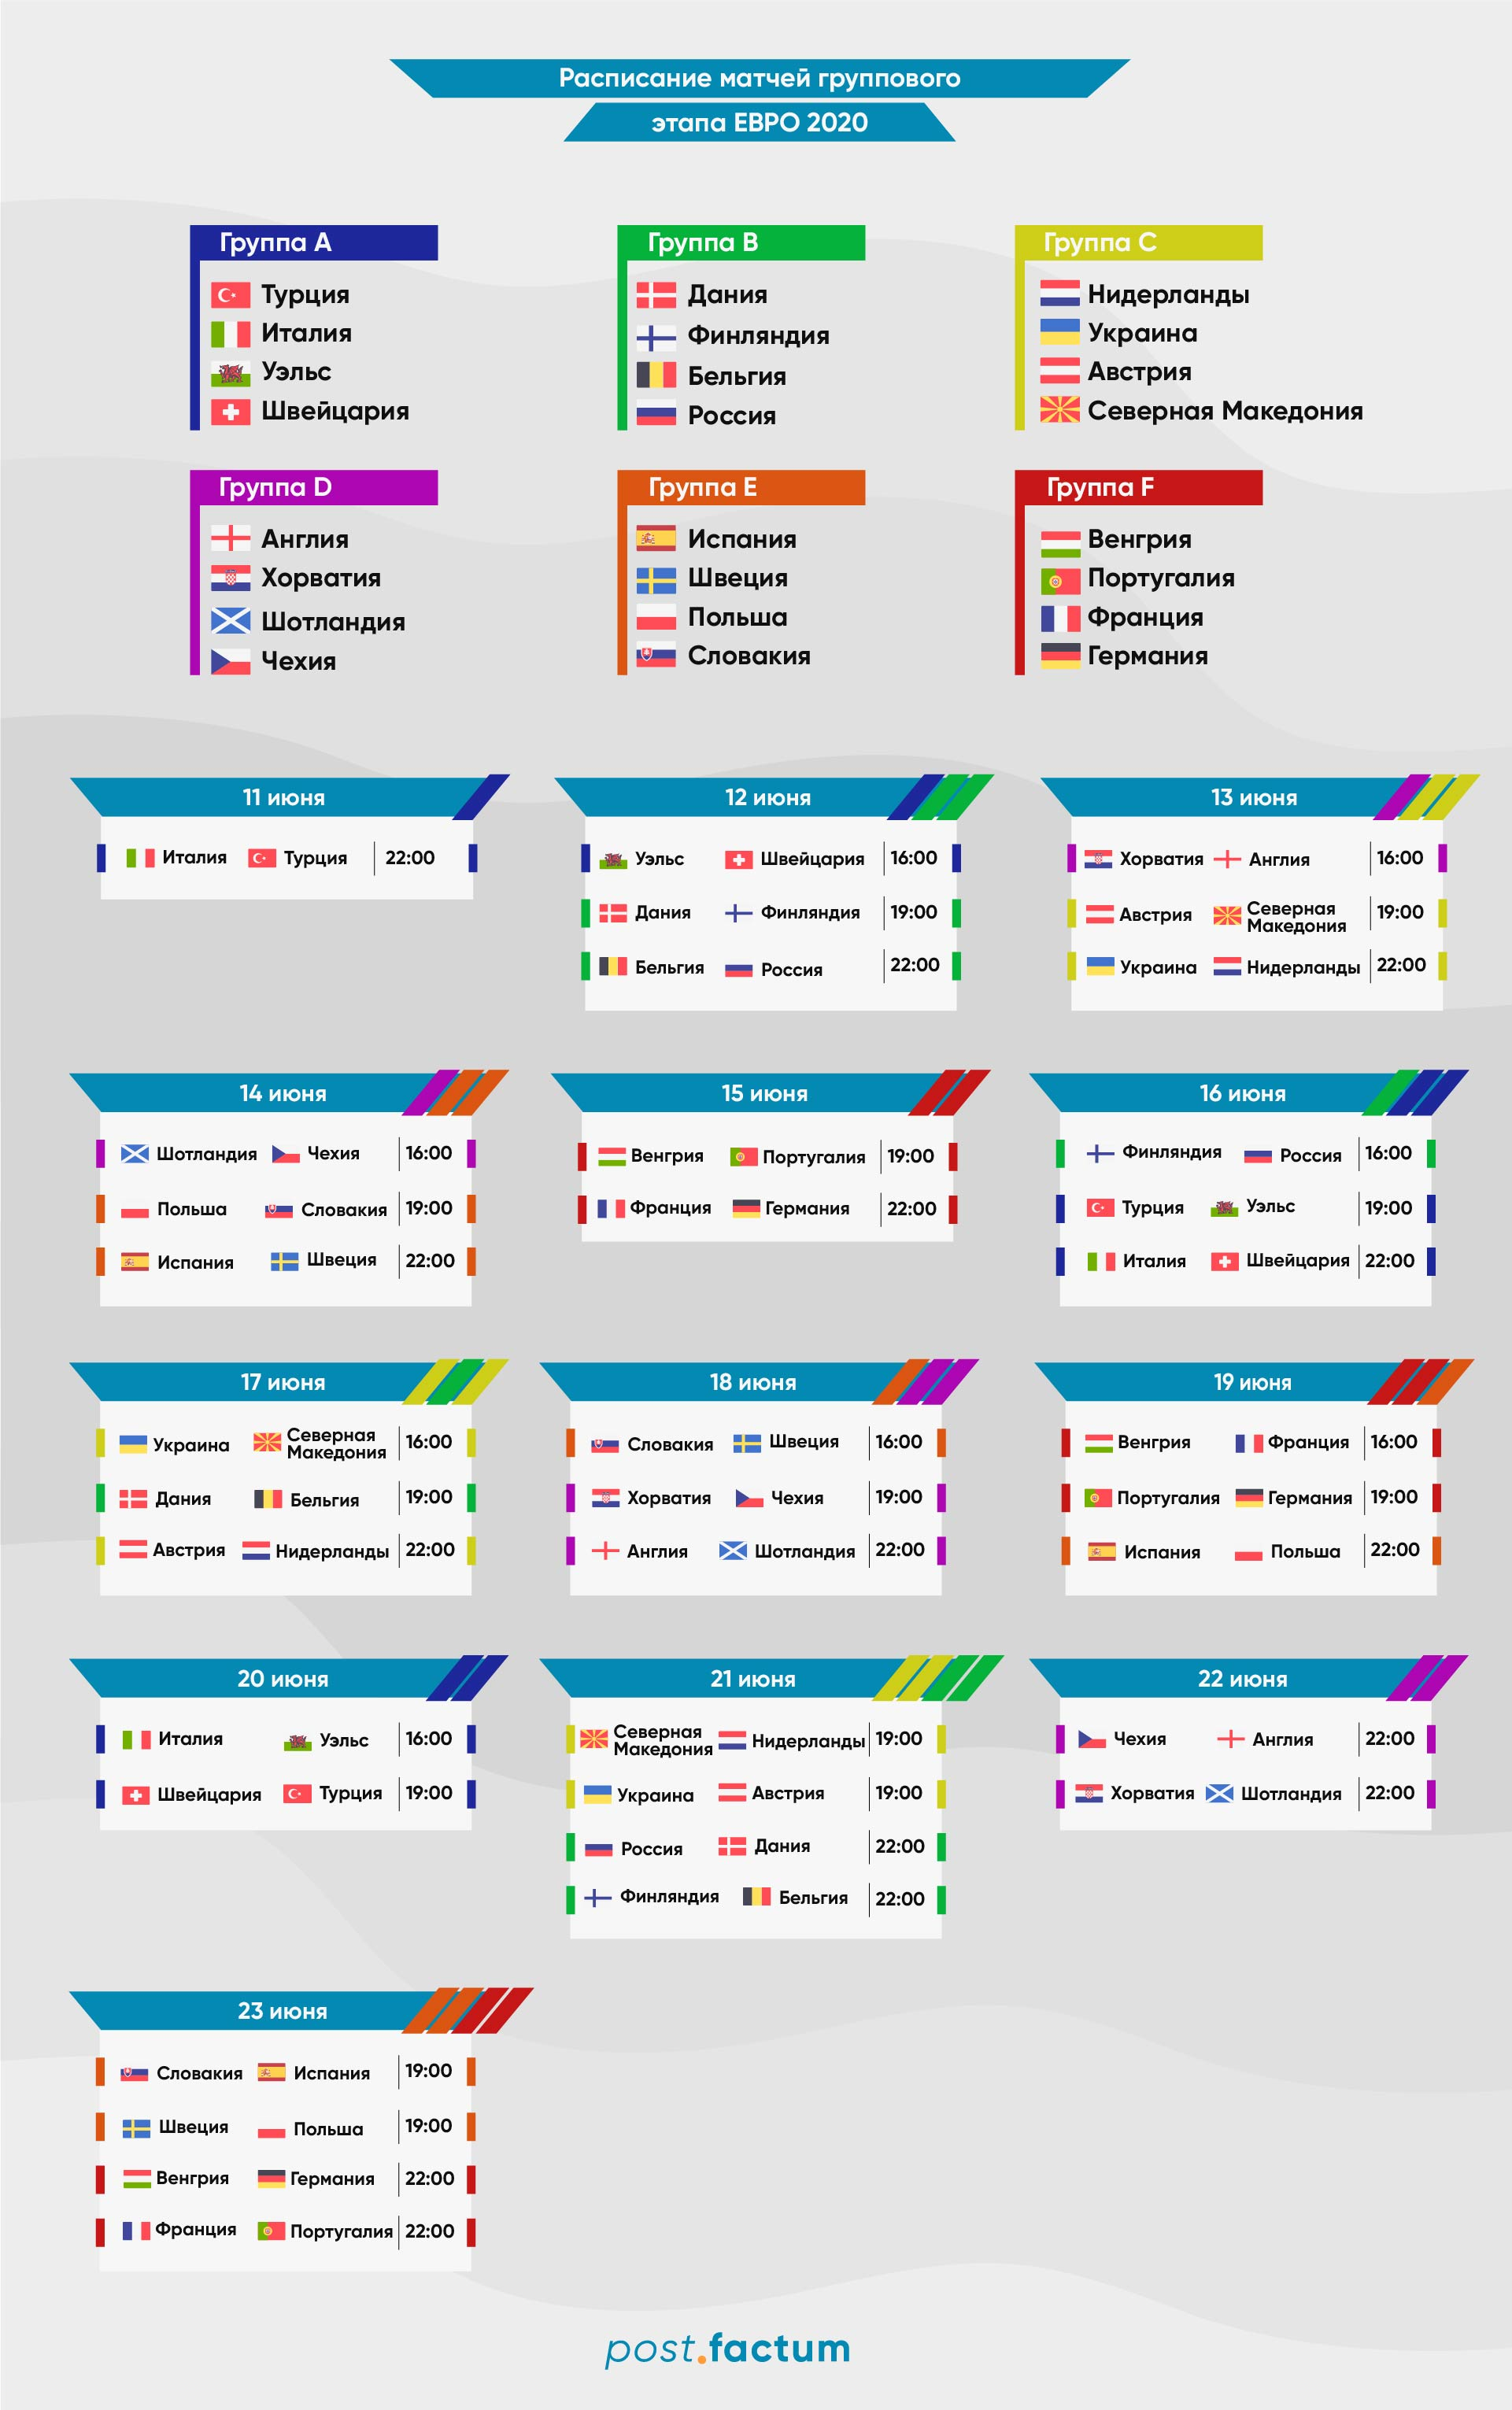 Инфографика: расписание матчей группового этапа Евро 2020 — фото 1